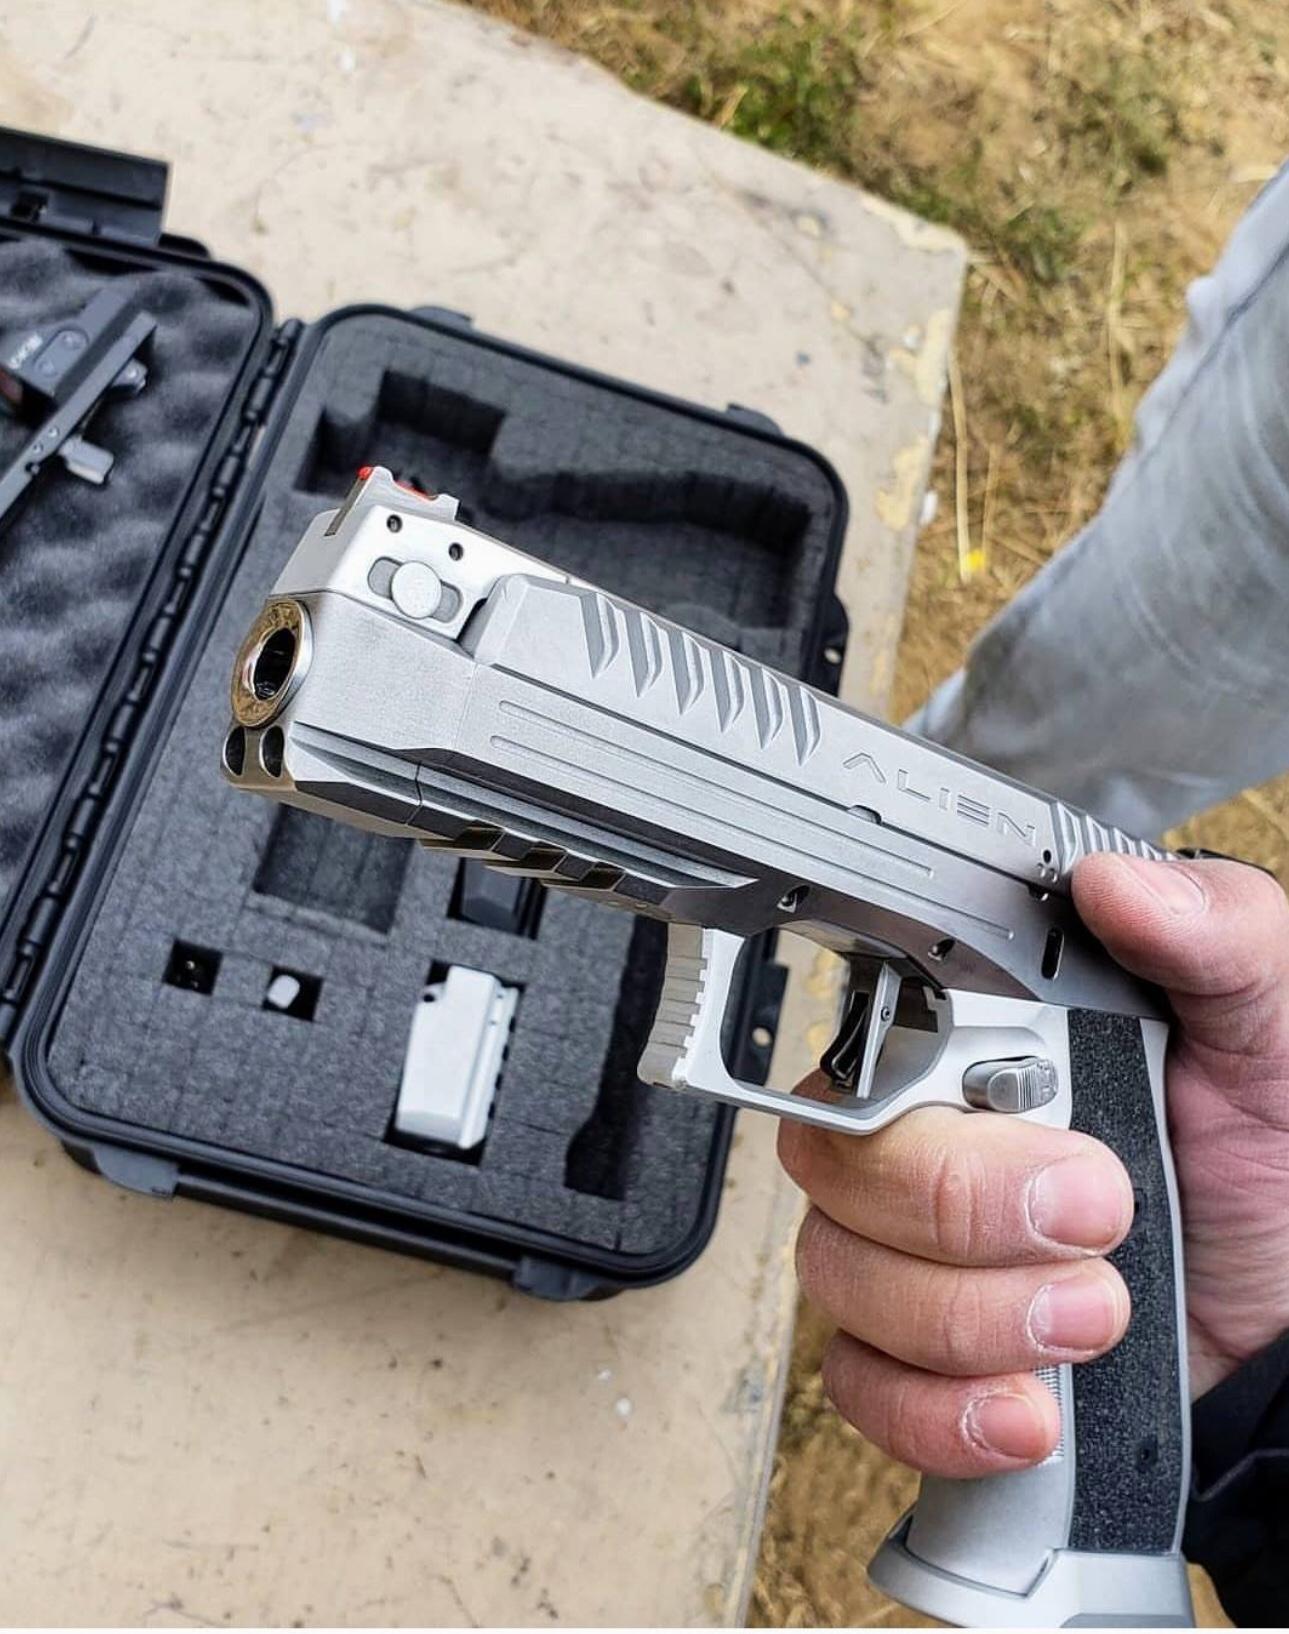 Prototype Pistol: 9mm, fixed barrel, gas-delayed blowback 77701588458b1a84d8efc8854656d305